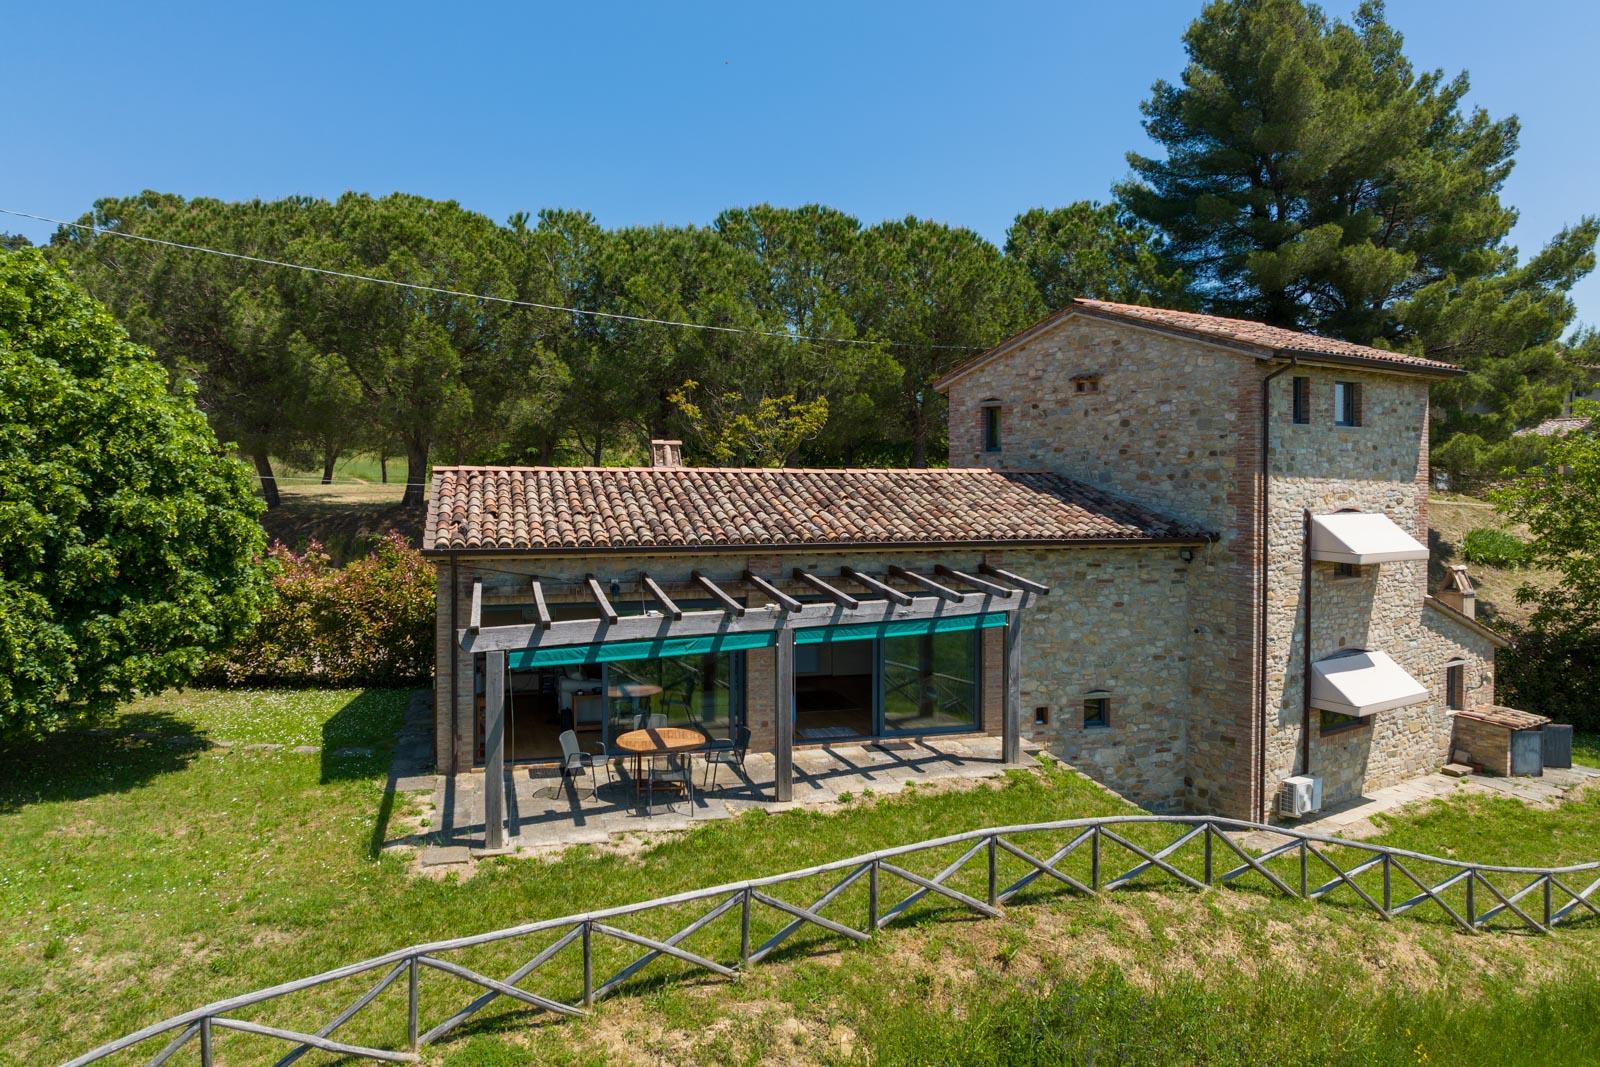 Restored former tobacco barn in a peaceful location with breathtaking views near Città di Castello